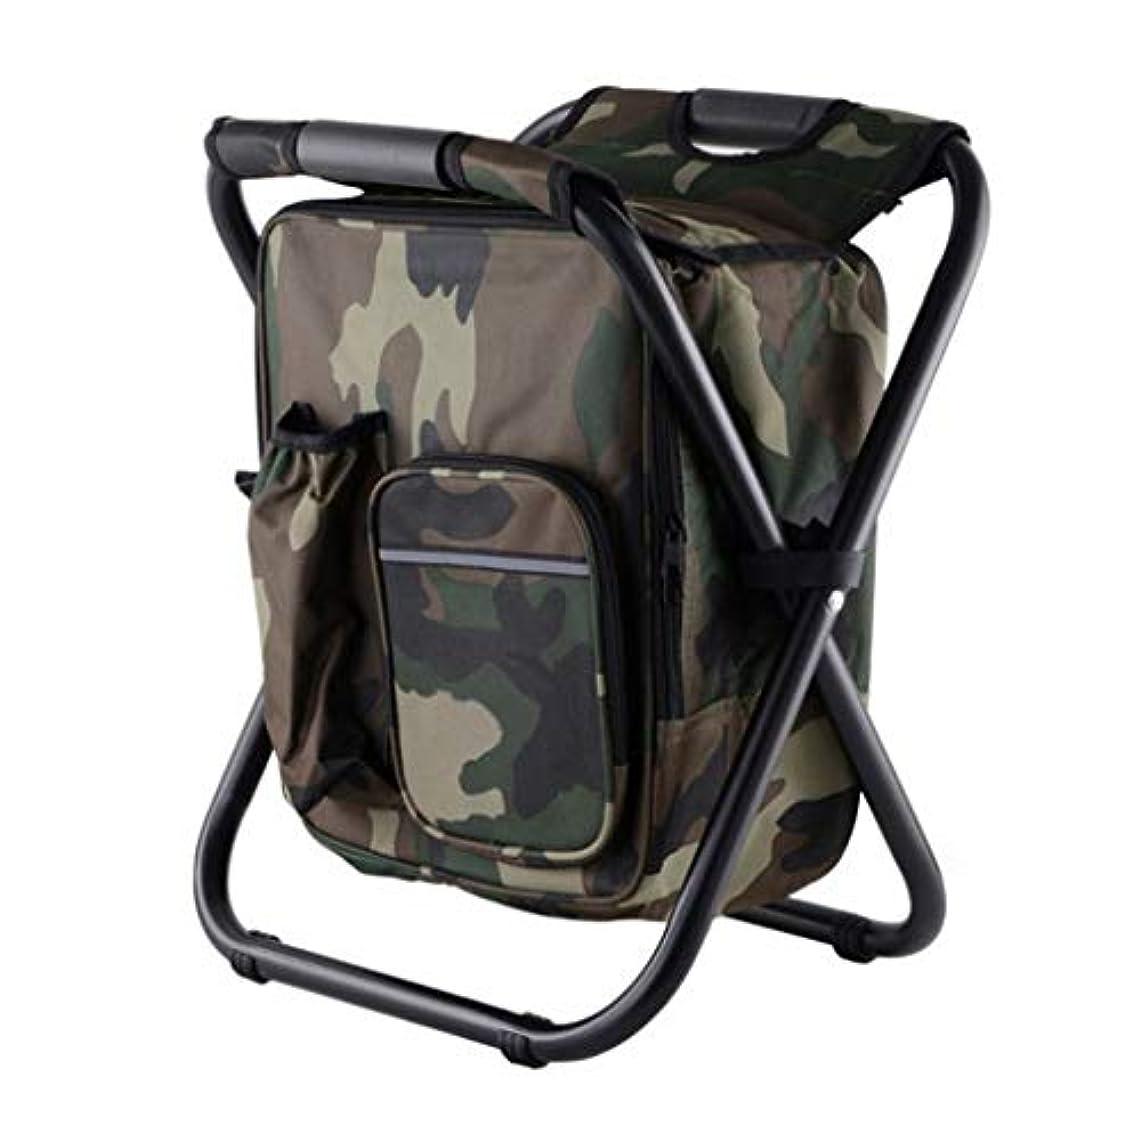 捨てる無意味地下室折りたたみ式バックパックキャンプチェアアームレス軽量アイスパック付き軽量で持ち運びに便利なコンパクトサイズ旅行/ピクニック/ハイキングに最適330ポンド